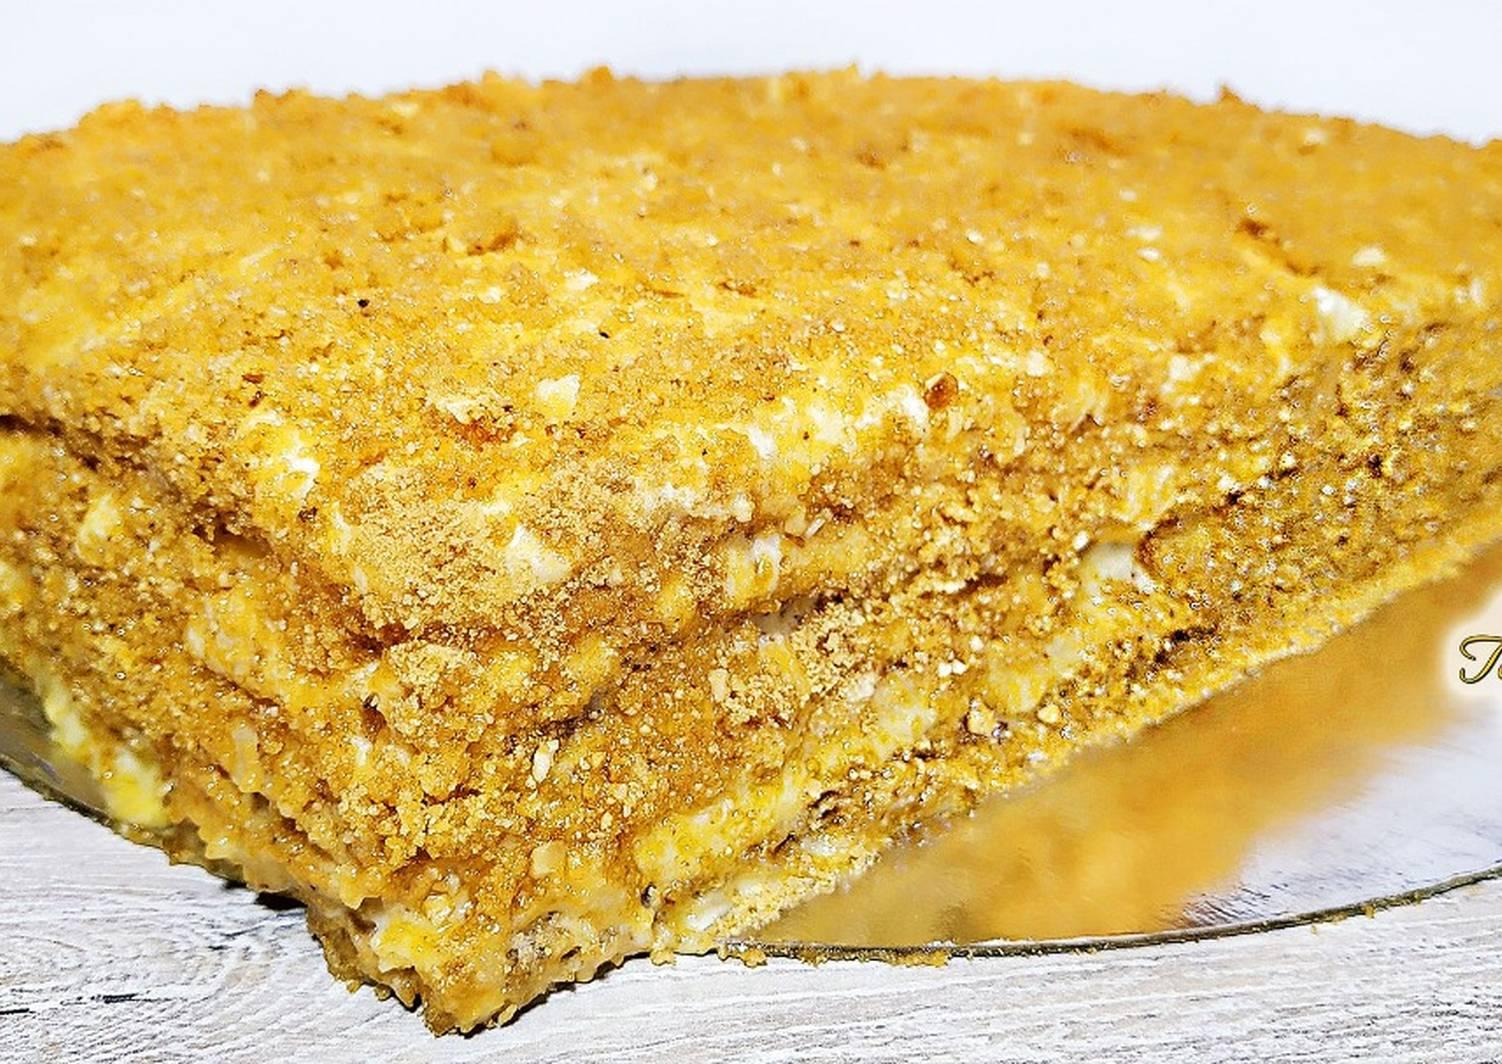 регионах рецепт торта египетский с фото нее целая коллекция